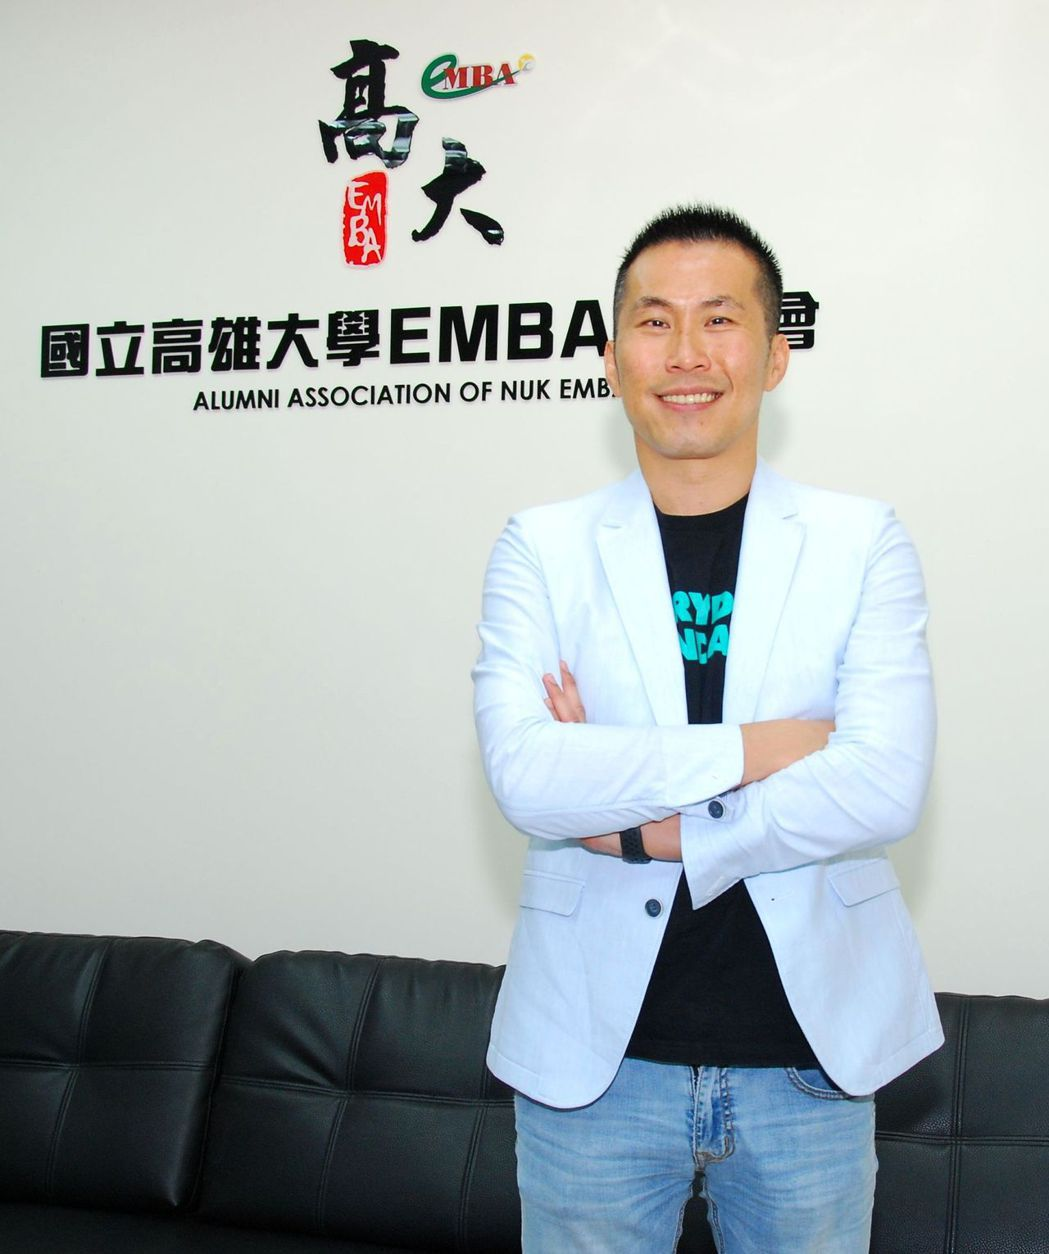 高雄大學資管系教授(EMBA中心主任)楊書成博士。 楊鎮州/攝影